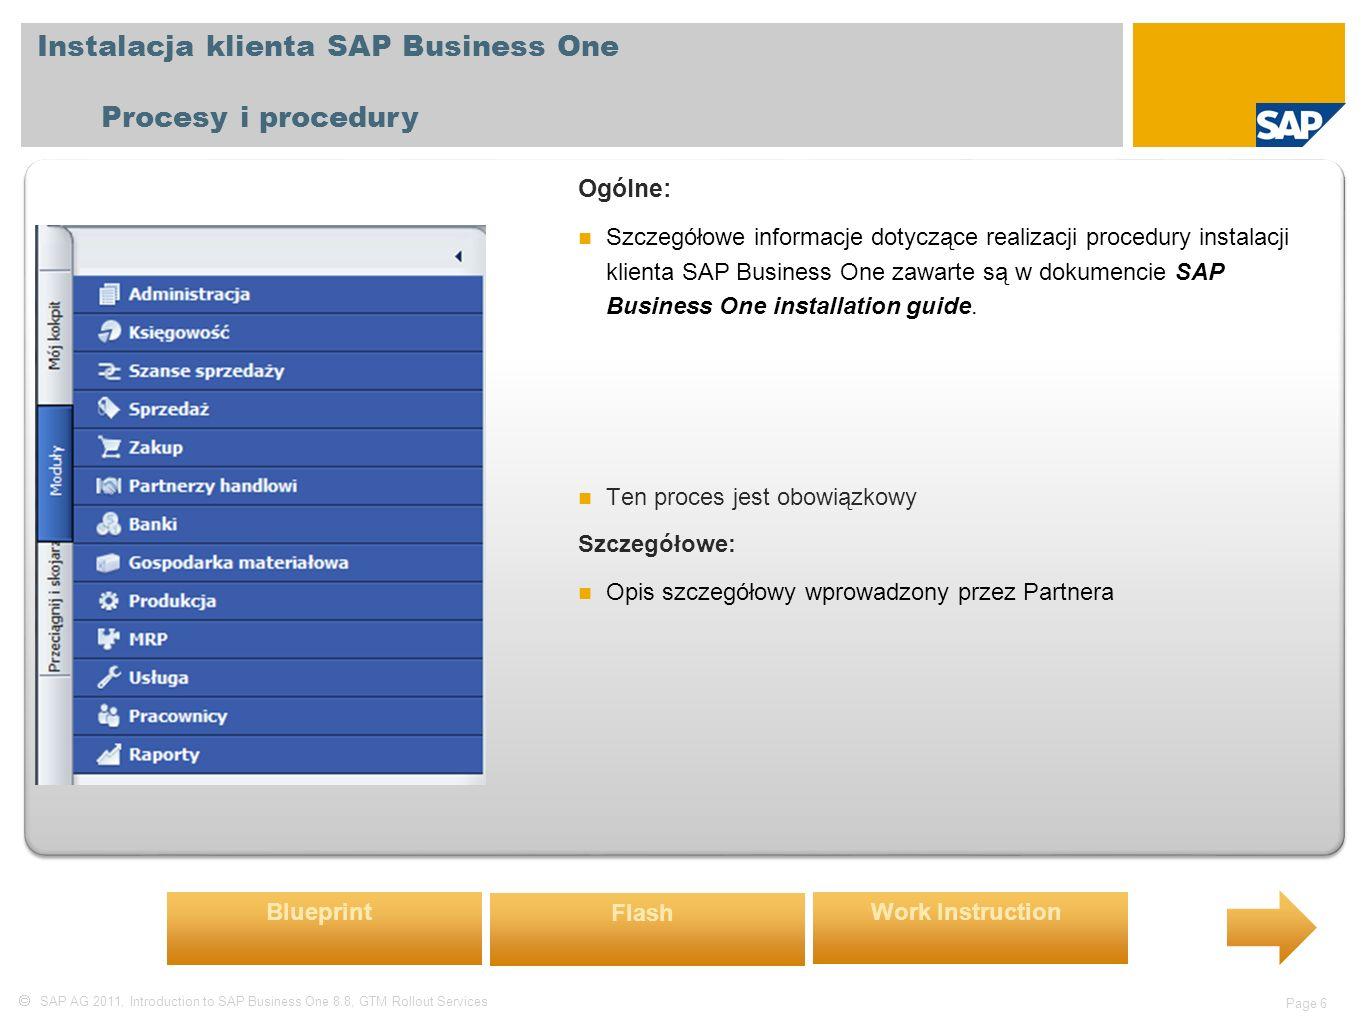  SAP AG 2011, Introduction to SAP Business One 8.8, GTM Rollout Services Page 7 Instalacja prekonfigurowanej bazy Starter Package Procesy i procedury Ogólne: W przypadku posiadania prekonfigurowanej bazy Worcowej Firmy Starter Package zaleca się, po zainstalowaniu SAP Business One, odtworzenie (restore) tej wzorcowej bazy z poziomu SQL.